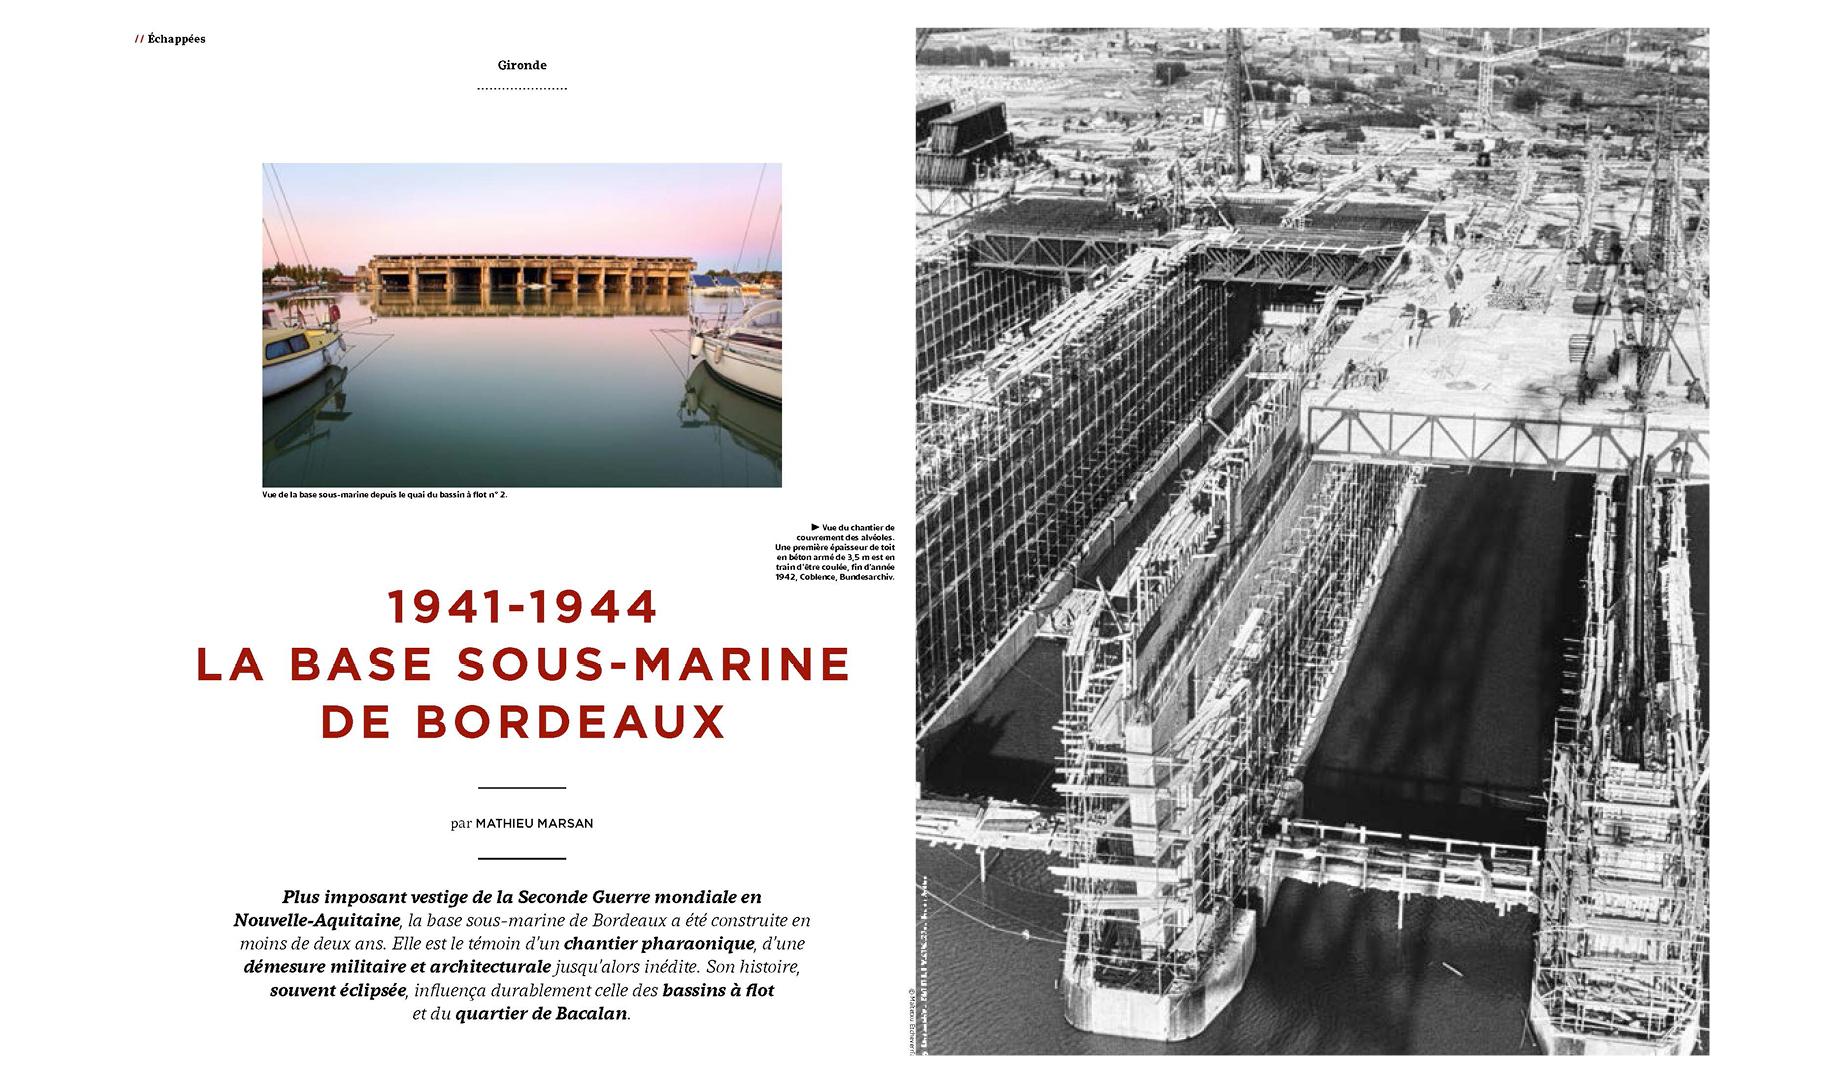 La base sous-marine de Bordeaux